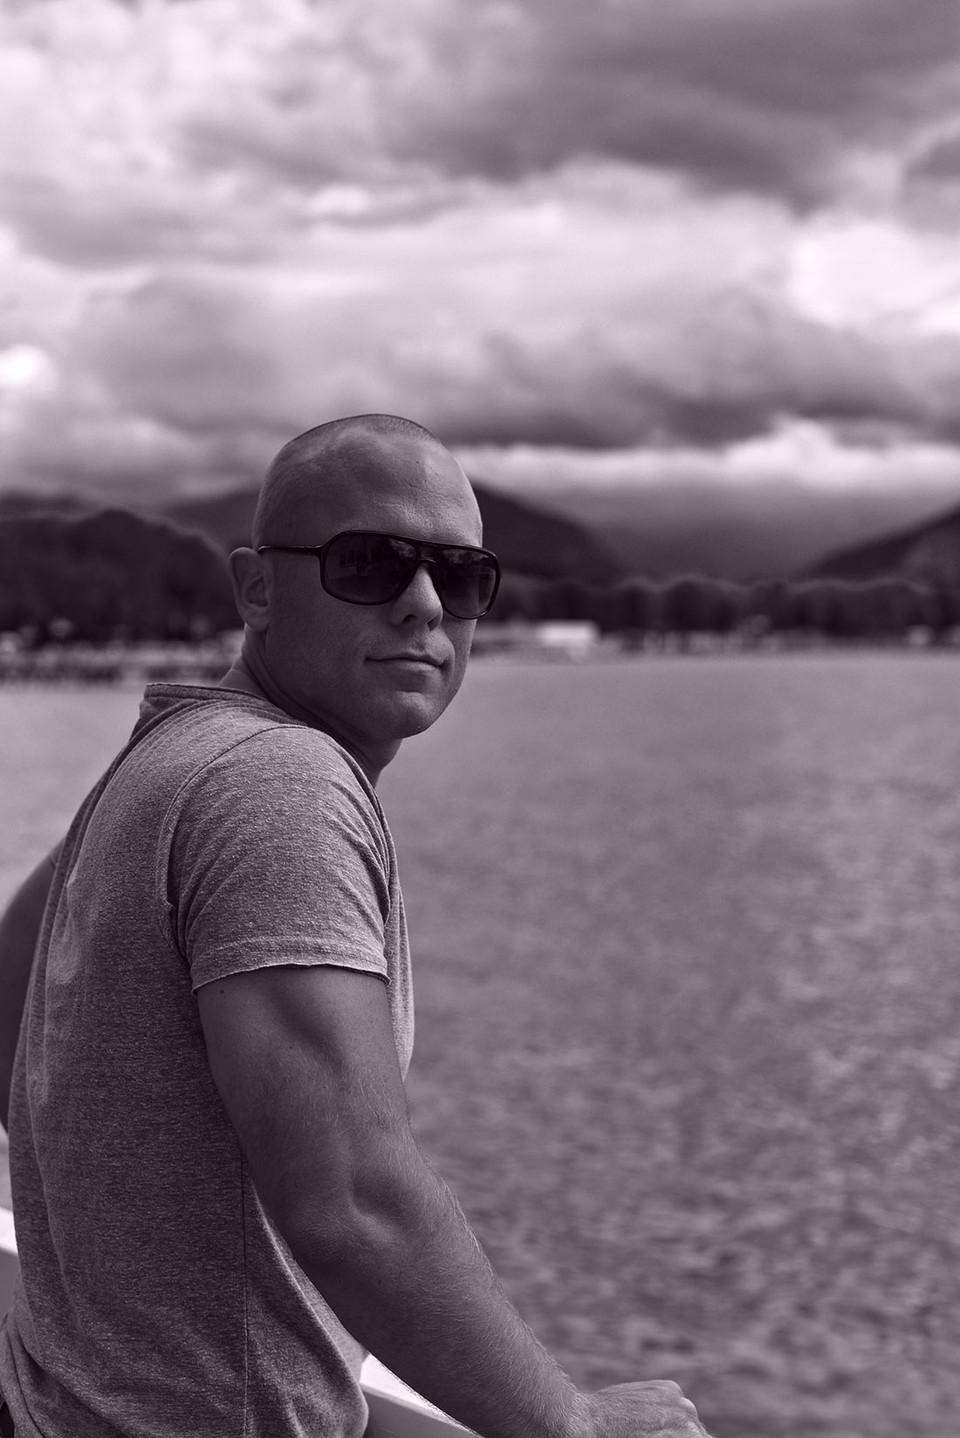 Mann auf Portrait vor Wörther See, Klagenfurt. Fotografiert von Capmore Photography